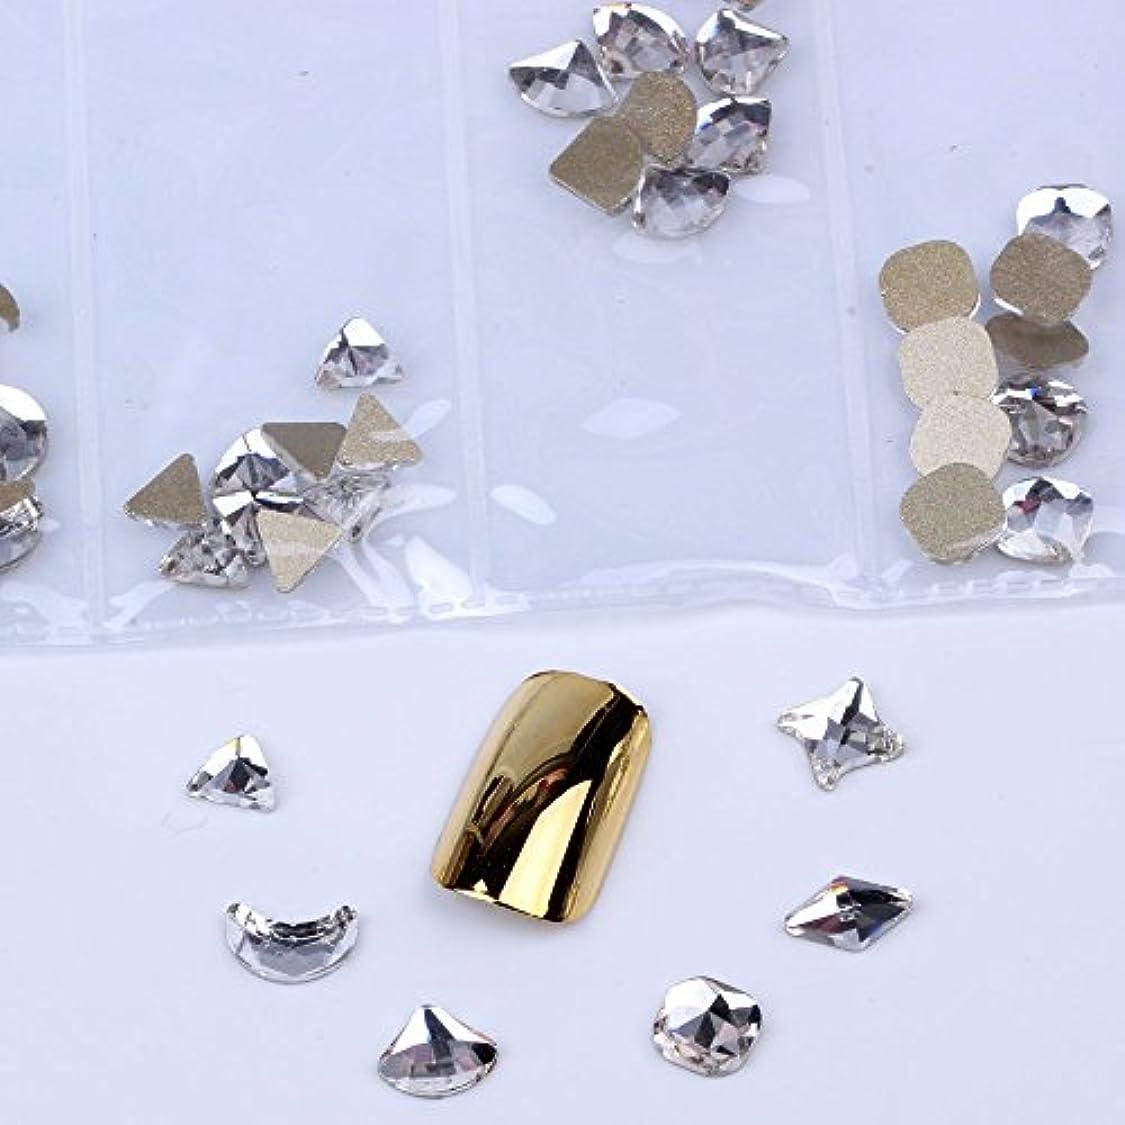 セクション再撮りフォーム混在6形60pcs / bagガラスネイルアートラインストーンフラットバックネイルステッカーDIYクラフトアート3Dジュエリー衣類装飾宝石